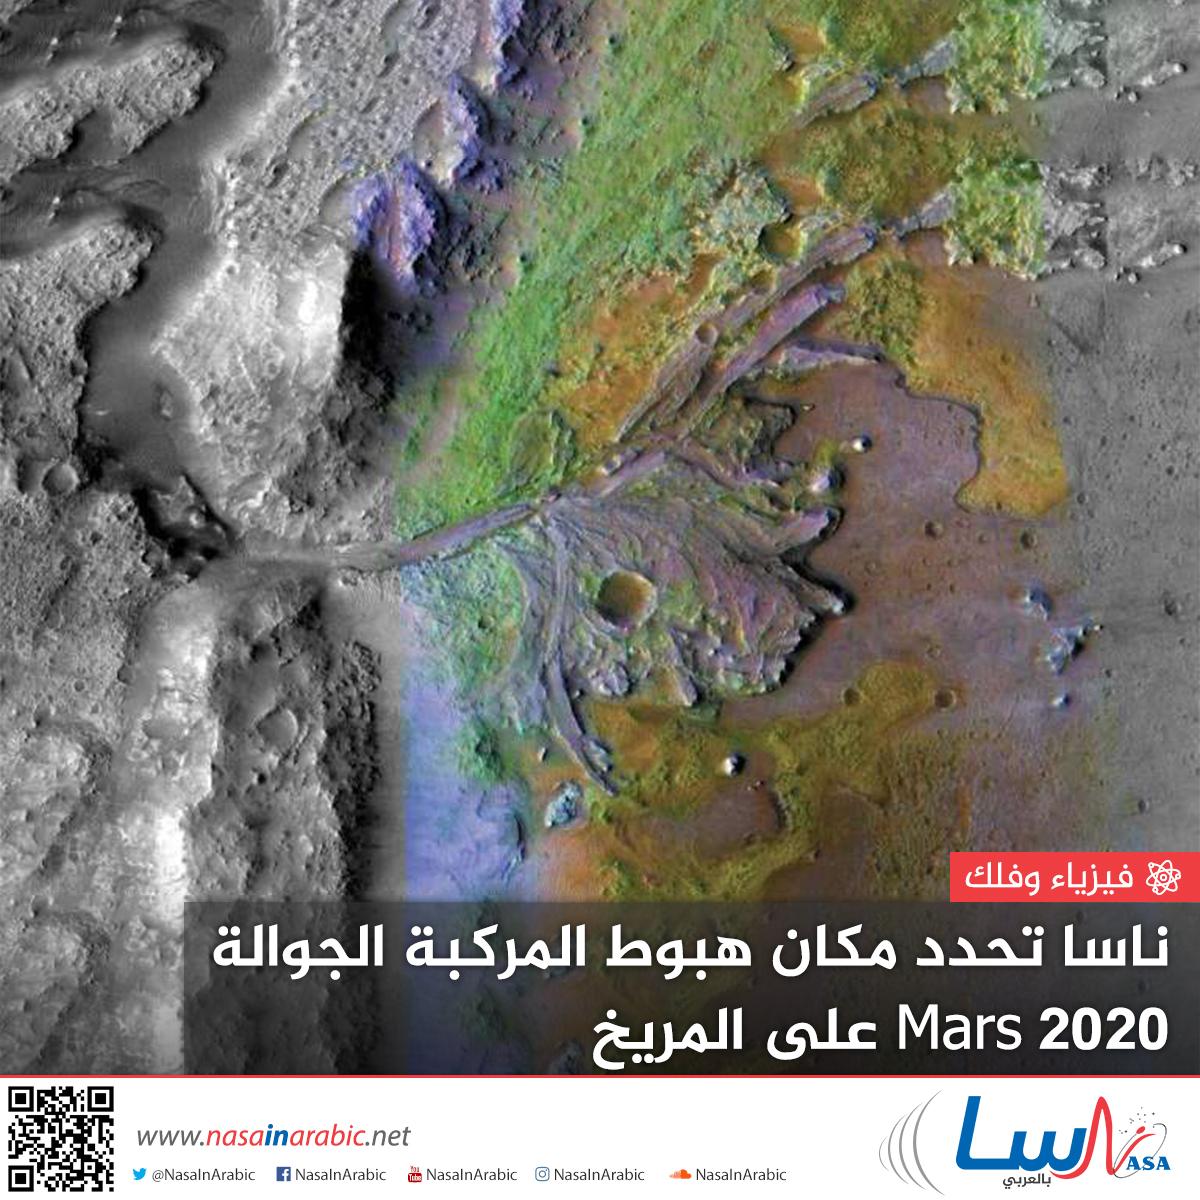 ناسا تحدد مكان هبوط المركبة الجوالة Mars 2020 على المريخ